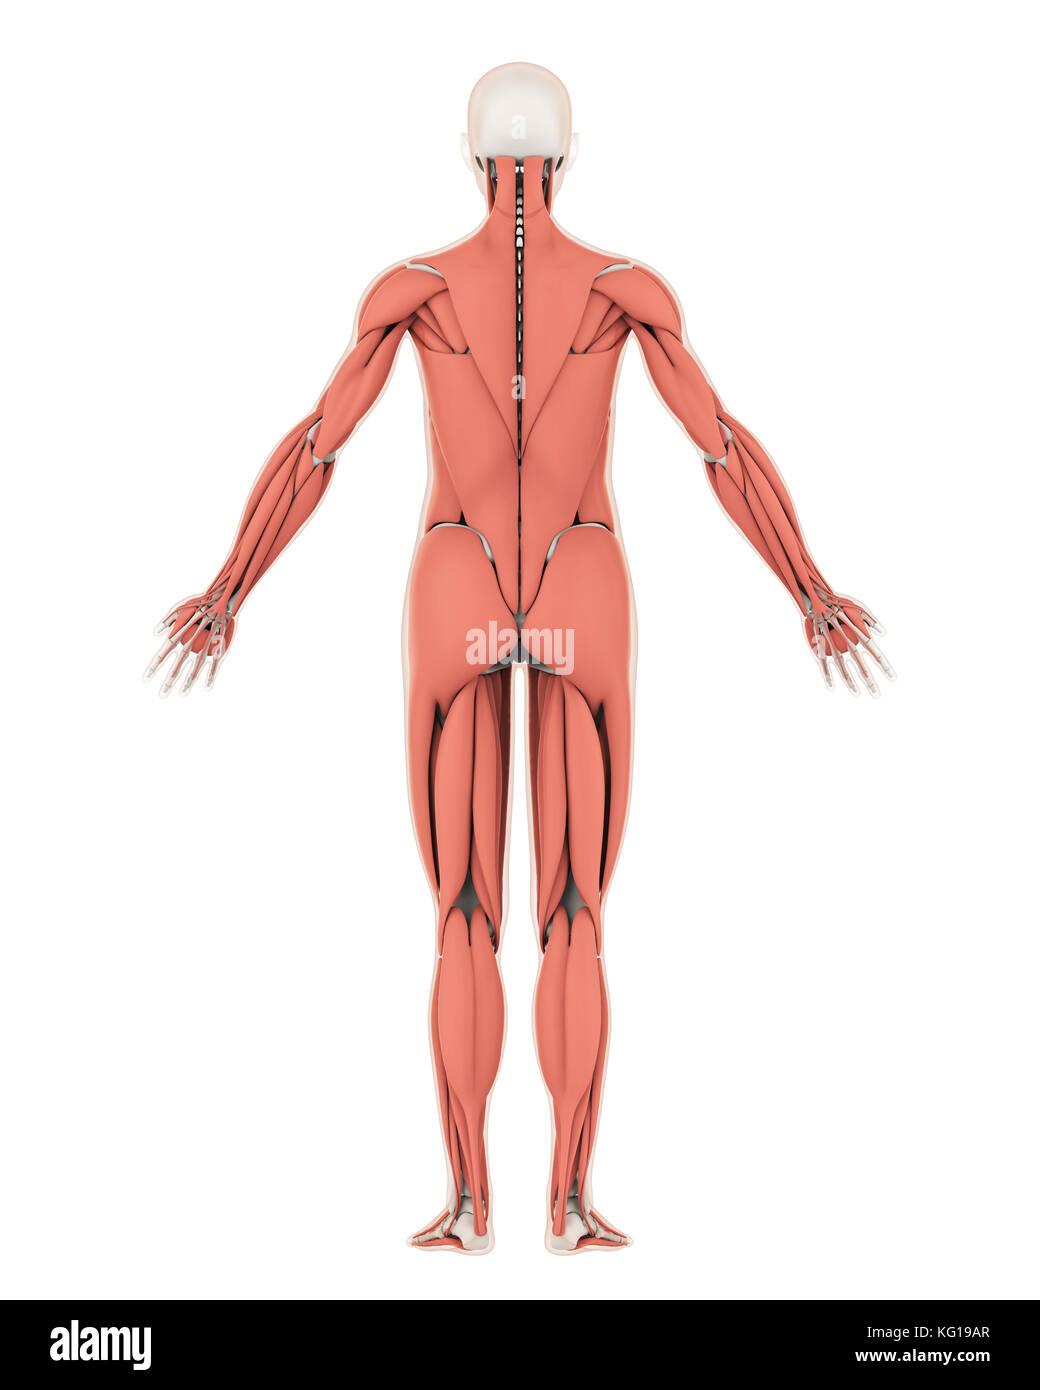 Menschliches Skelett und Muskel Anatomie isoliert Stockfoto, Bild ...